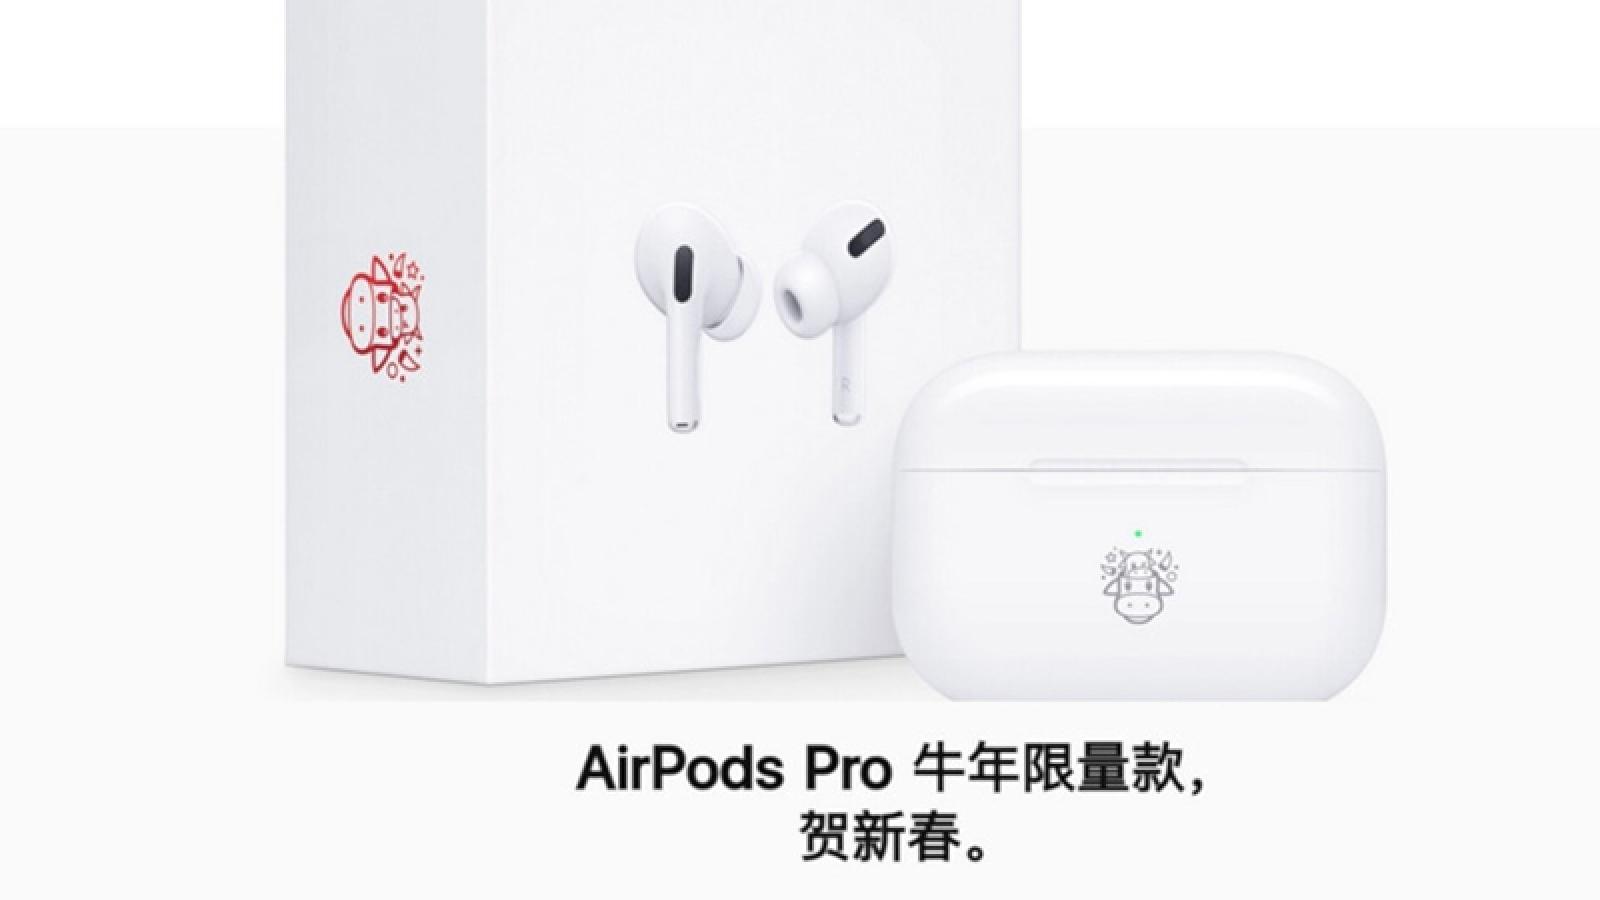 AirPods Pro bản đặc biệt chào Xuân Kỷ Sửu ra mắt